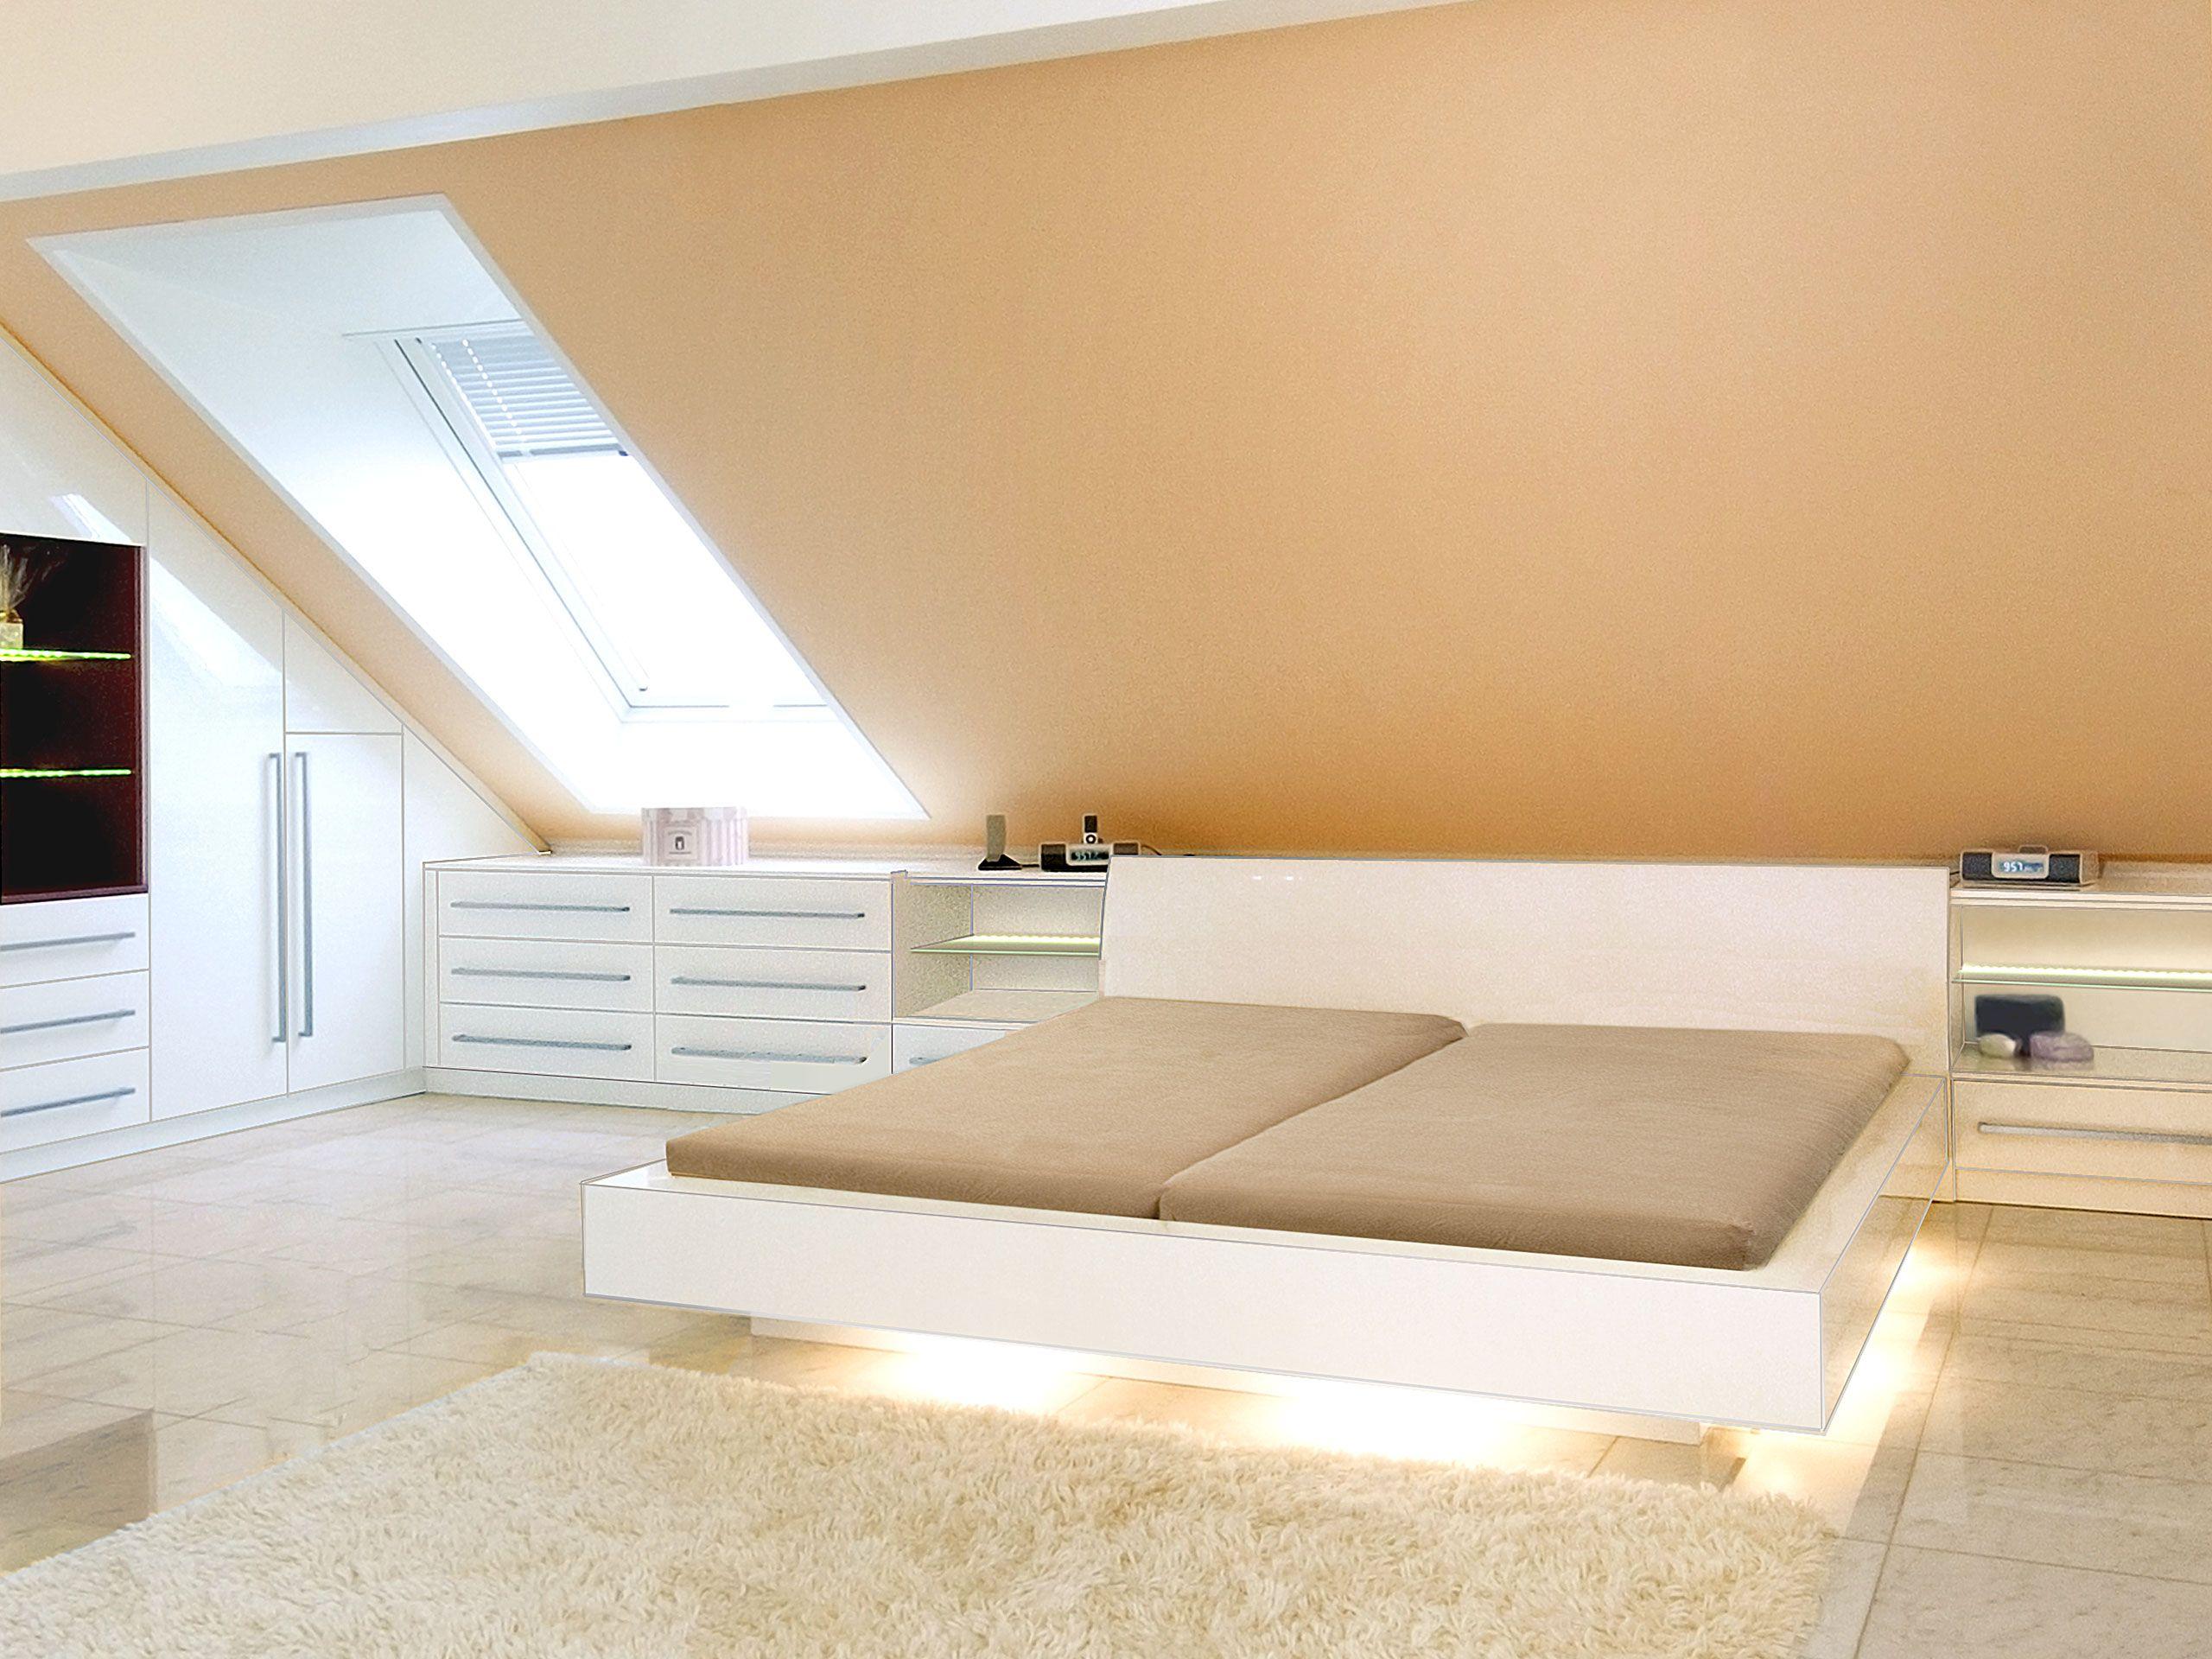 Einrichtung für DesginSchlafzimmer in Hochglanzlack in